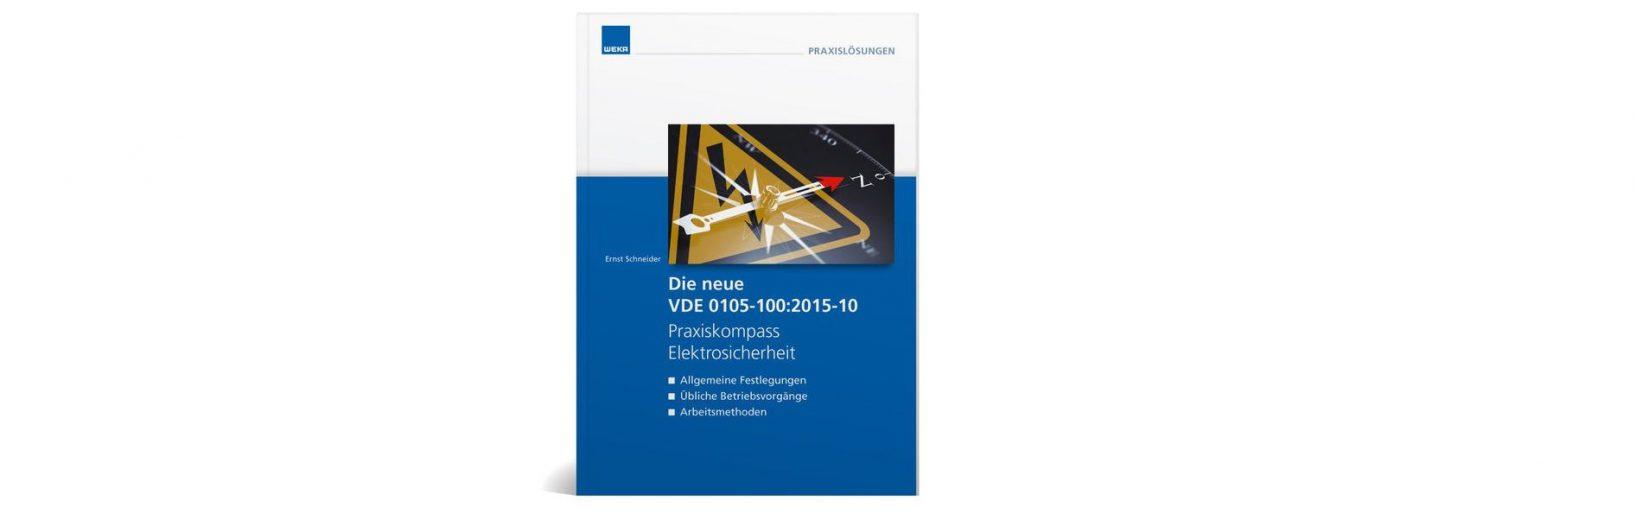 Die neue VDE 0105-100:2015-10